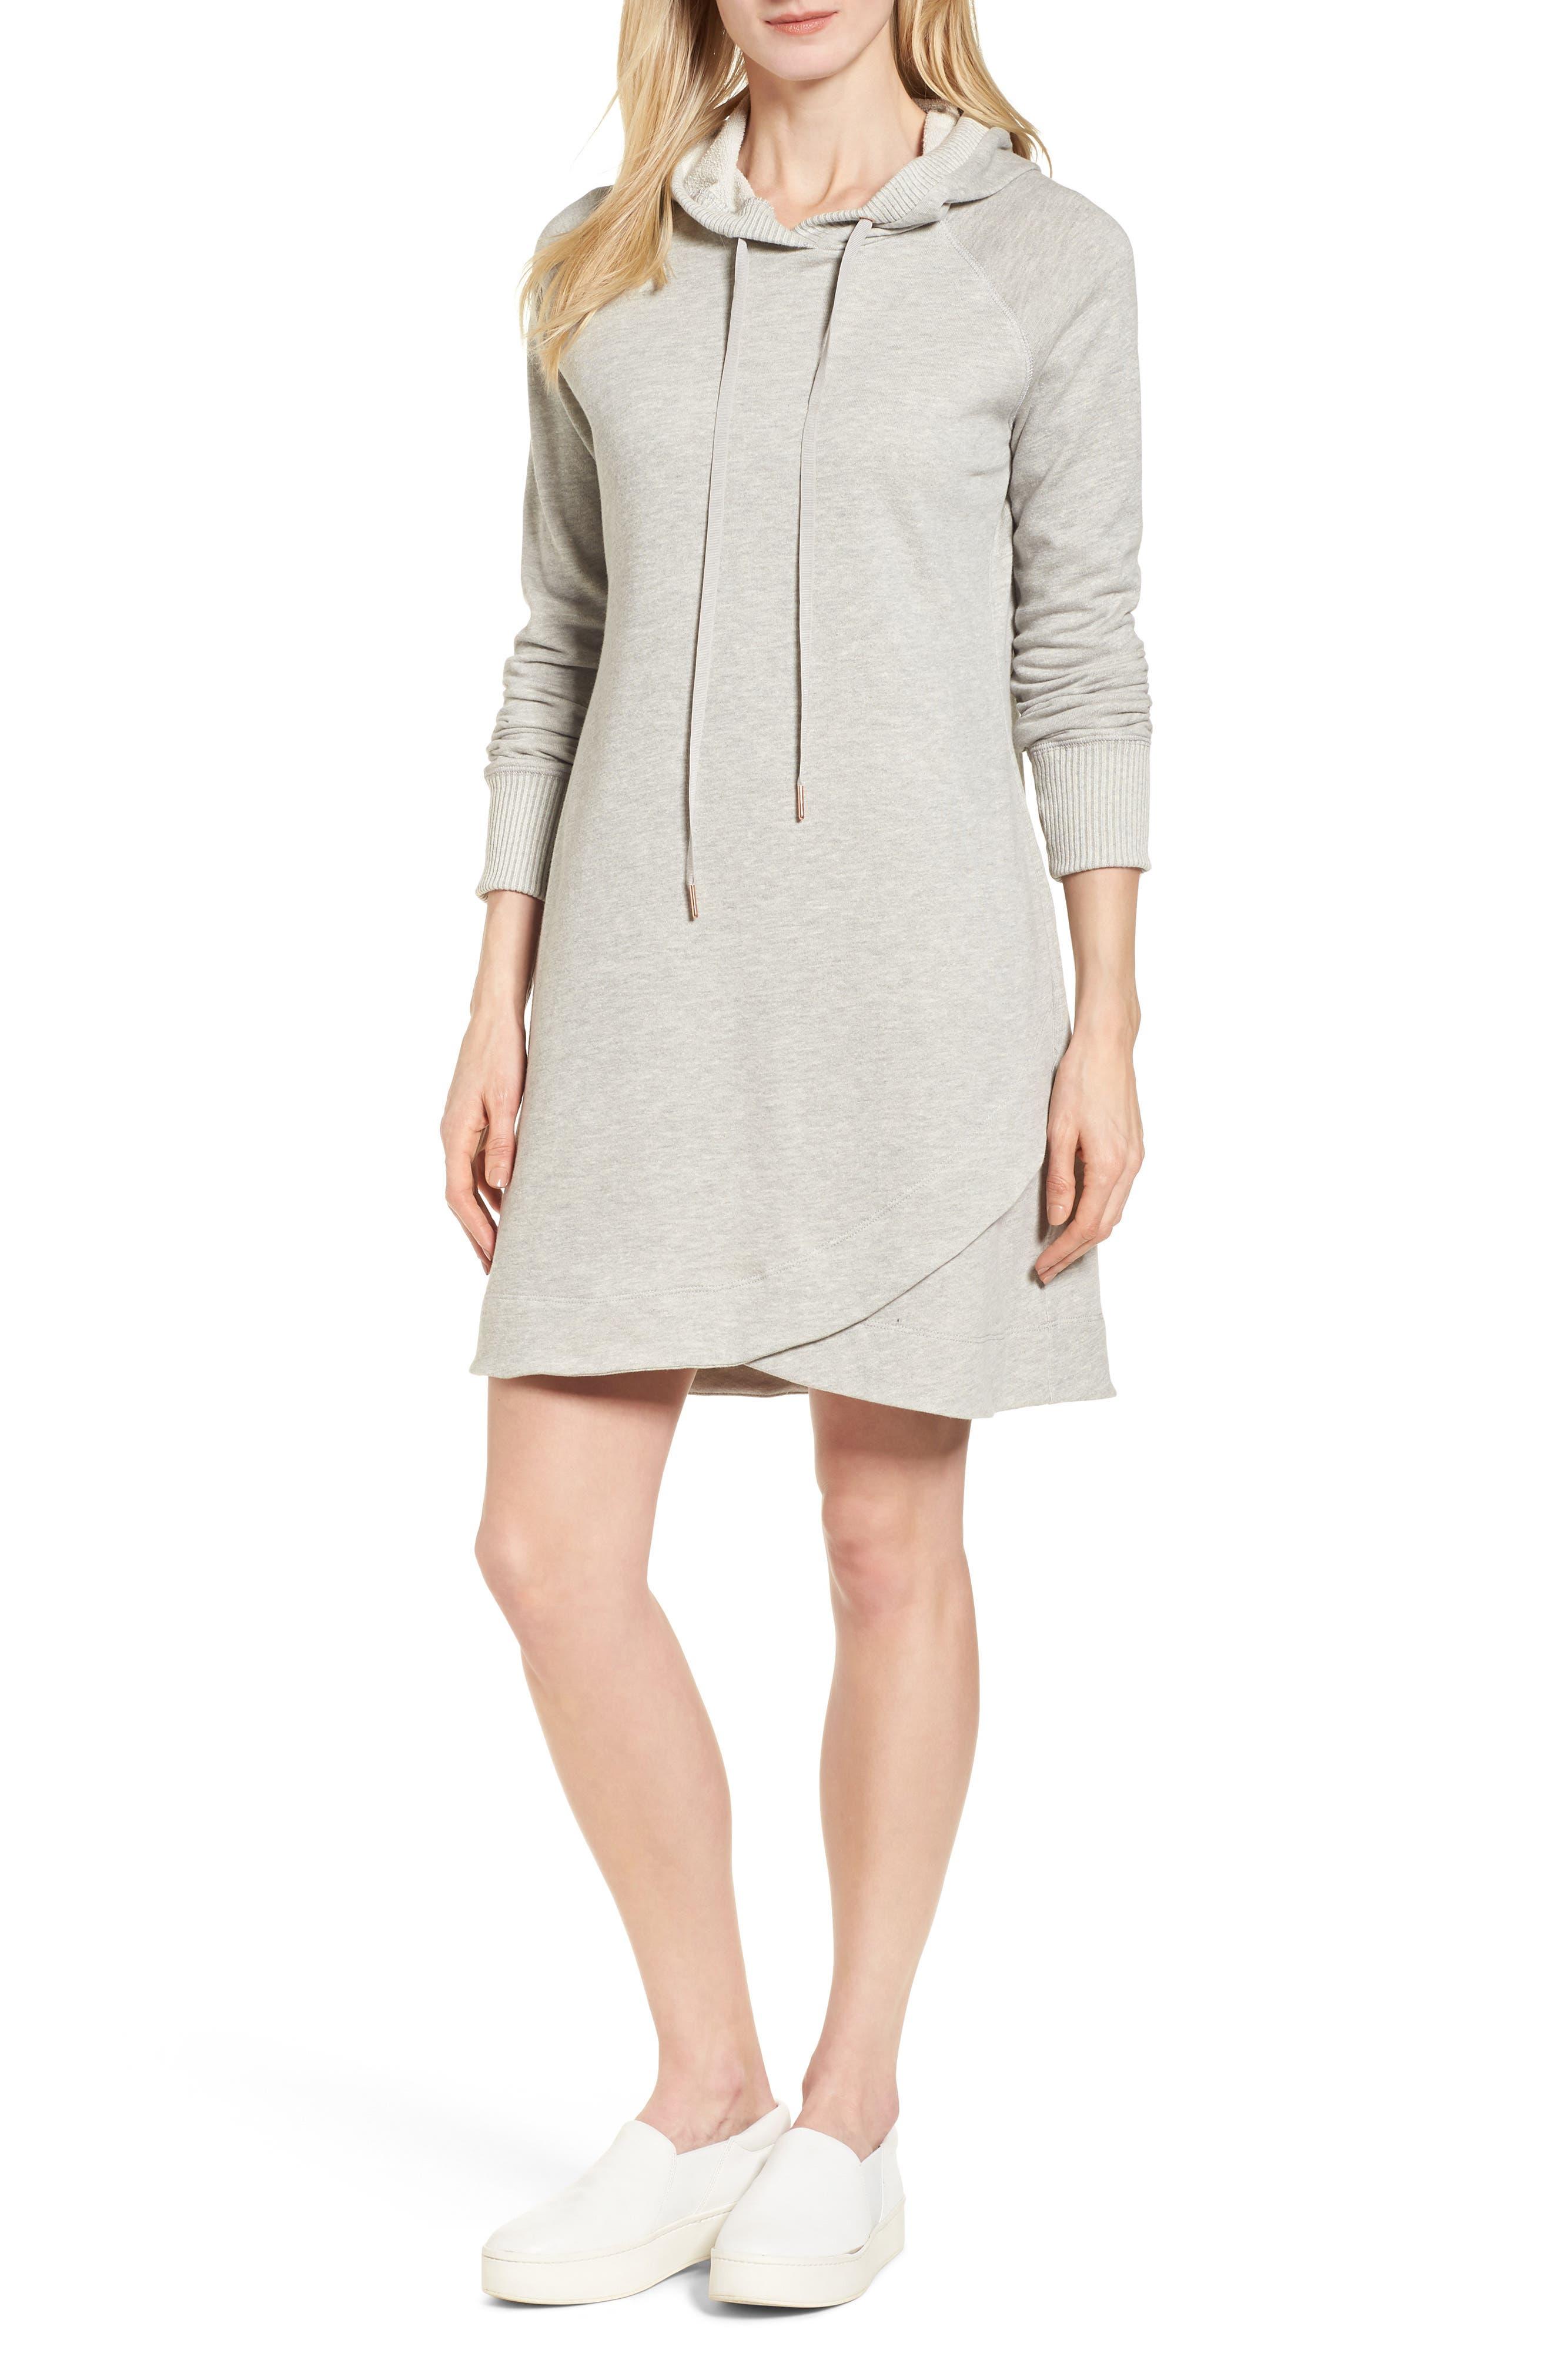 Caslon® Off-Duty Hooded Sweatshirt Dress